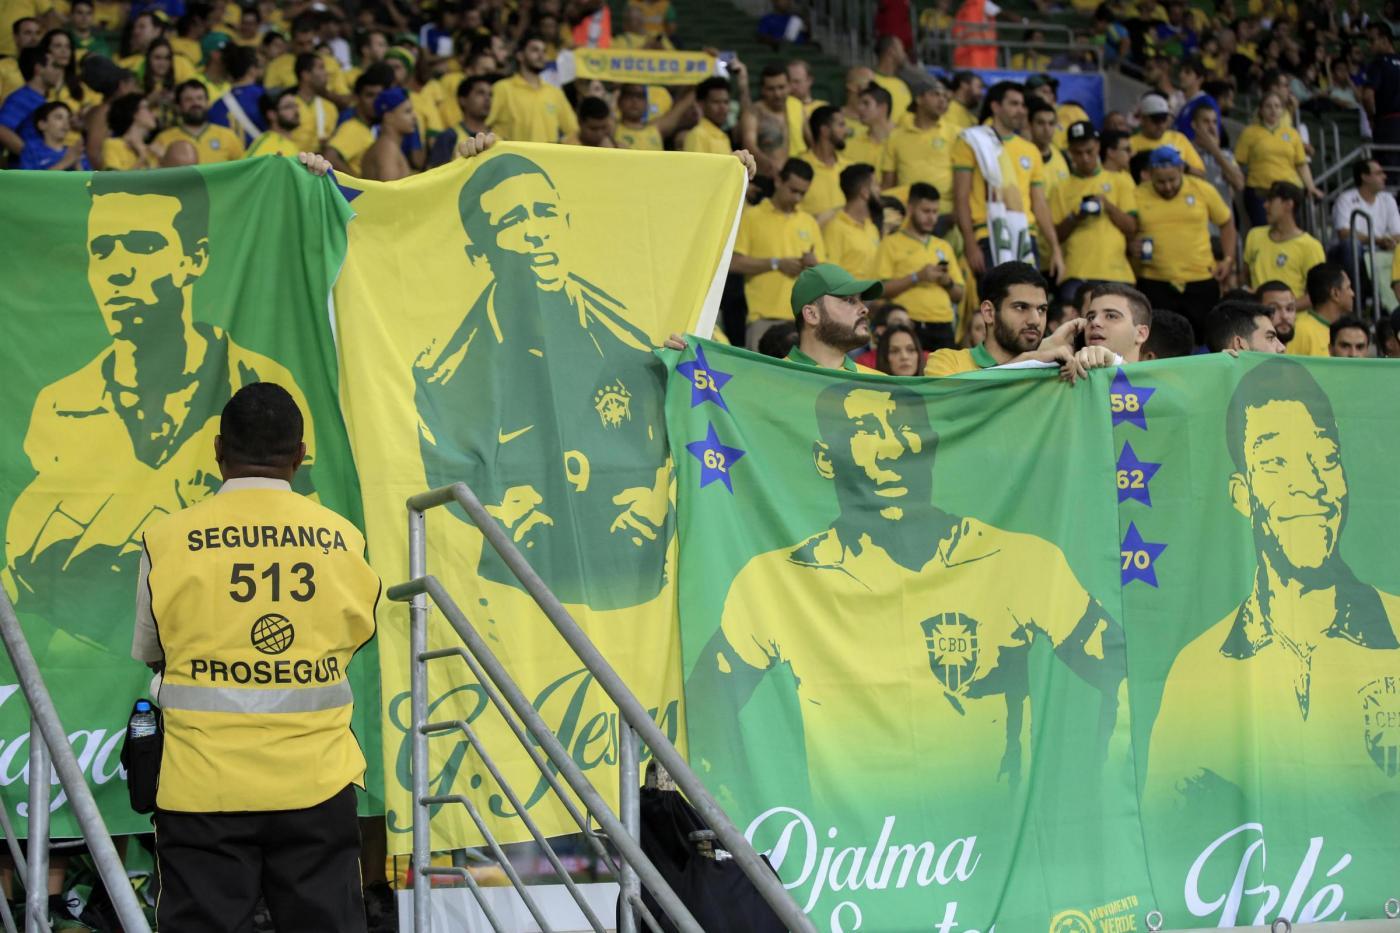 Brasile-Campeonato-Capixaba-pronostico-21-marzo-2020-analisi-e-pronostico